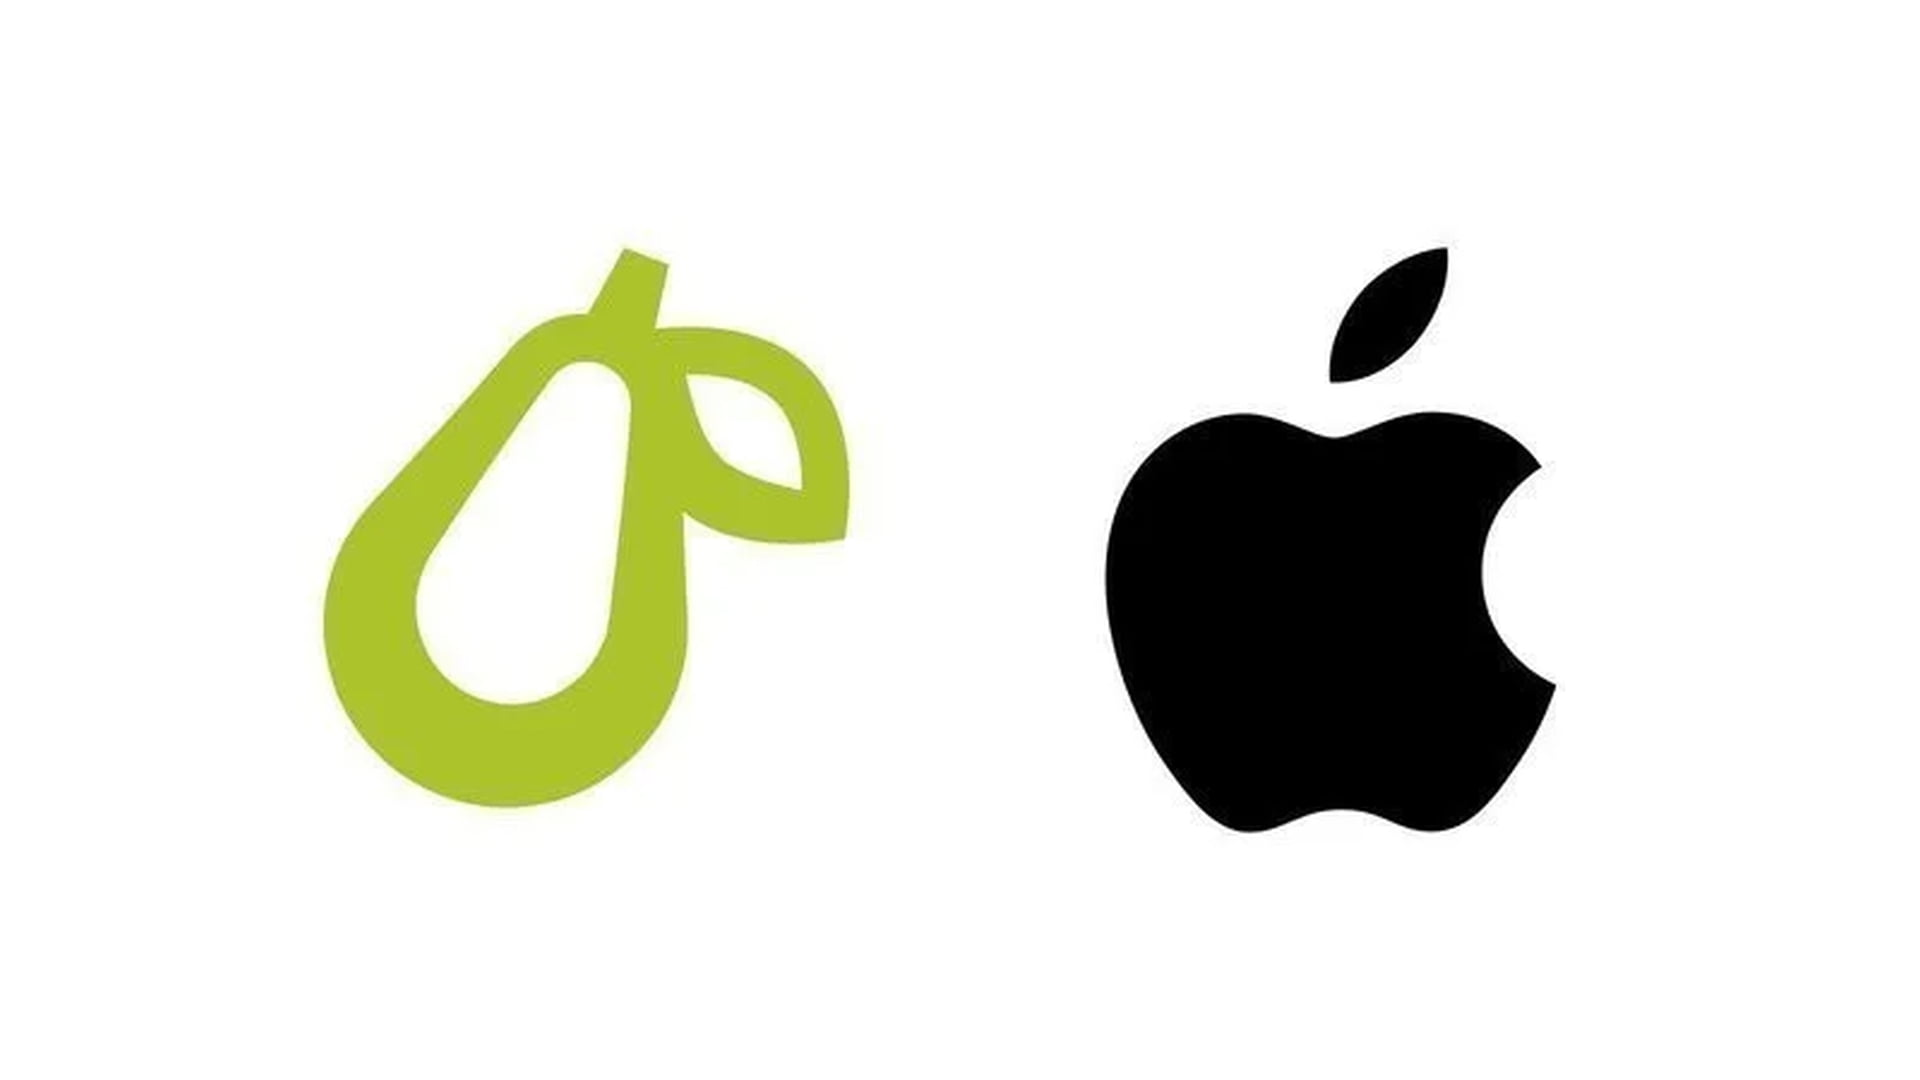 Rozmowy pomiędzy firmą Apple oraz Prepear w sprawie ugody